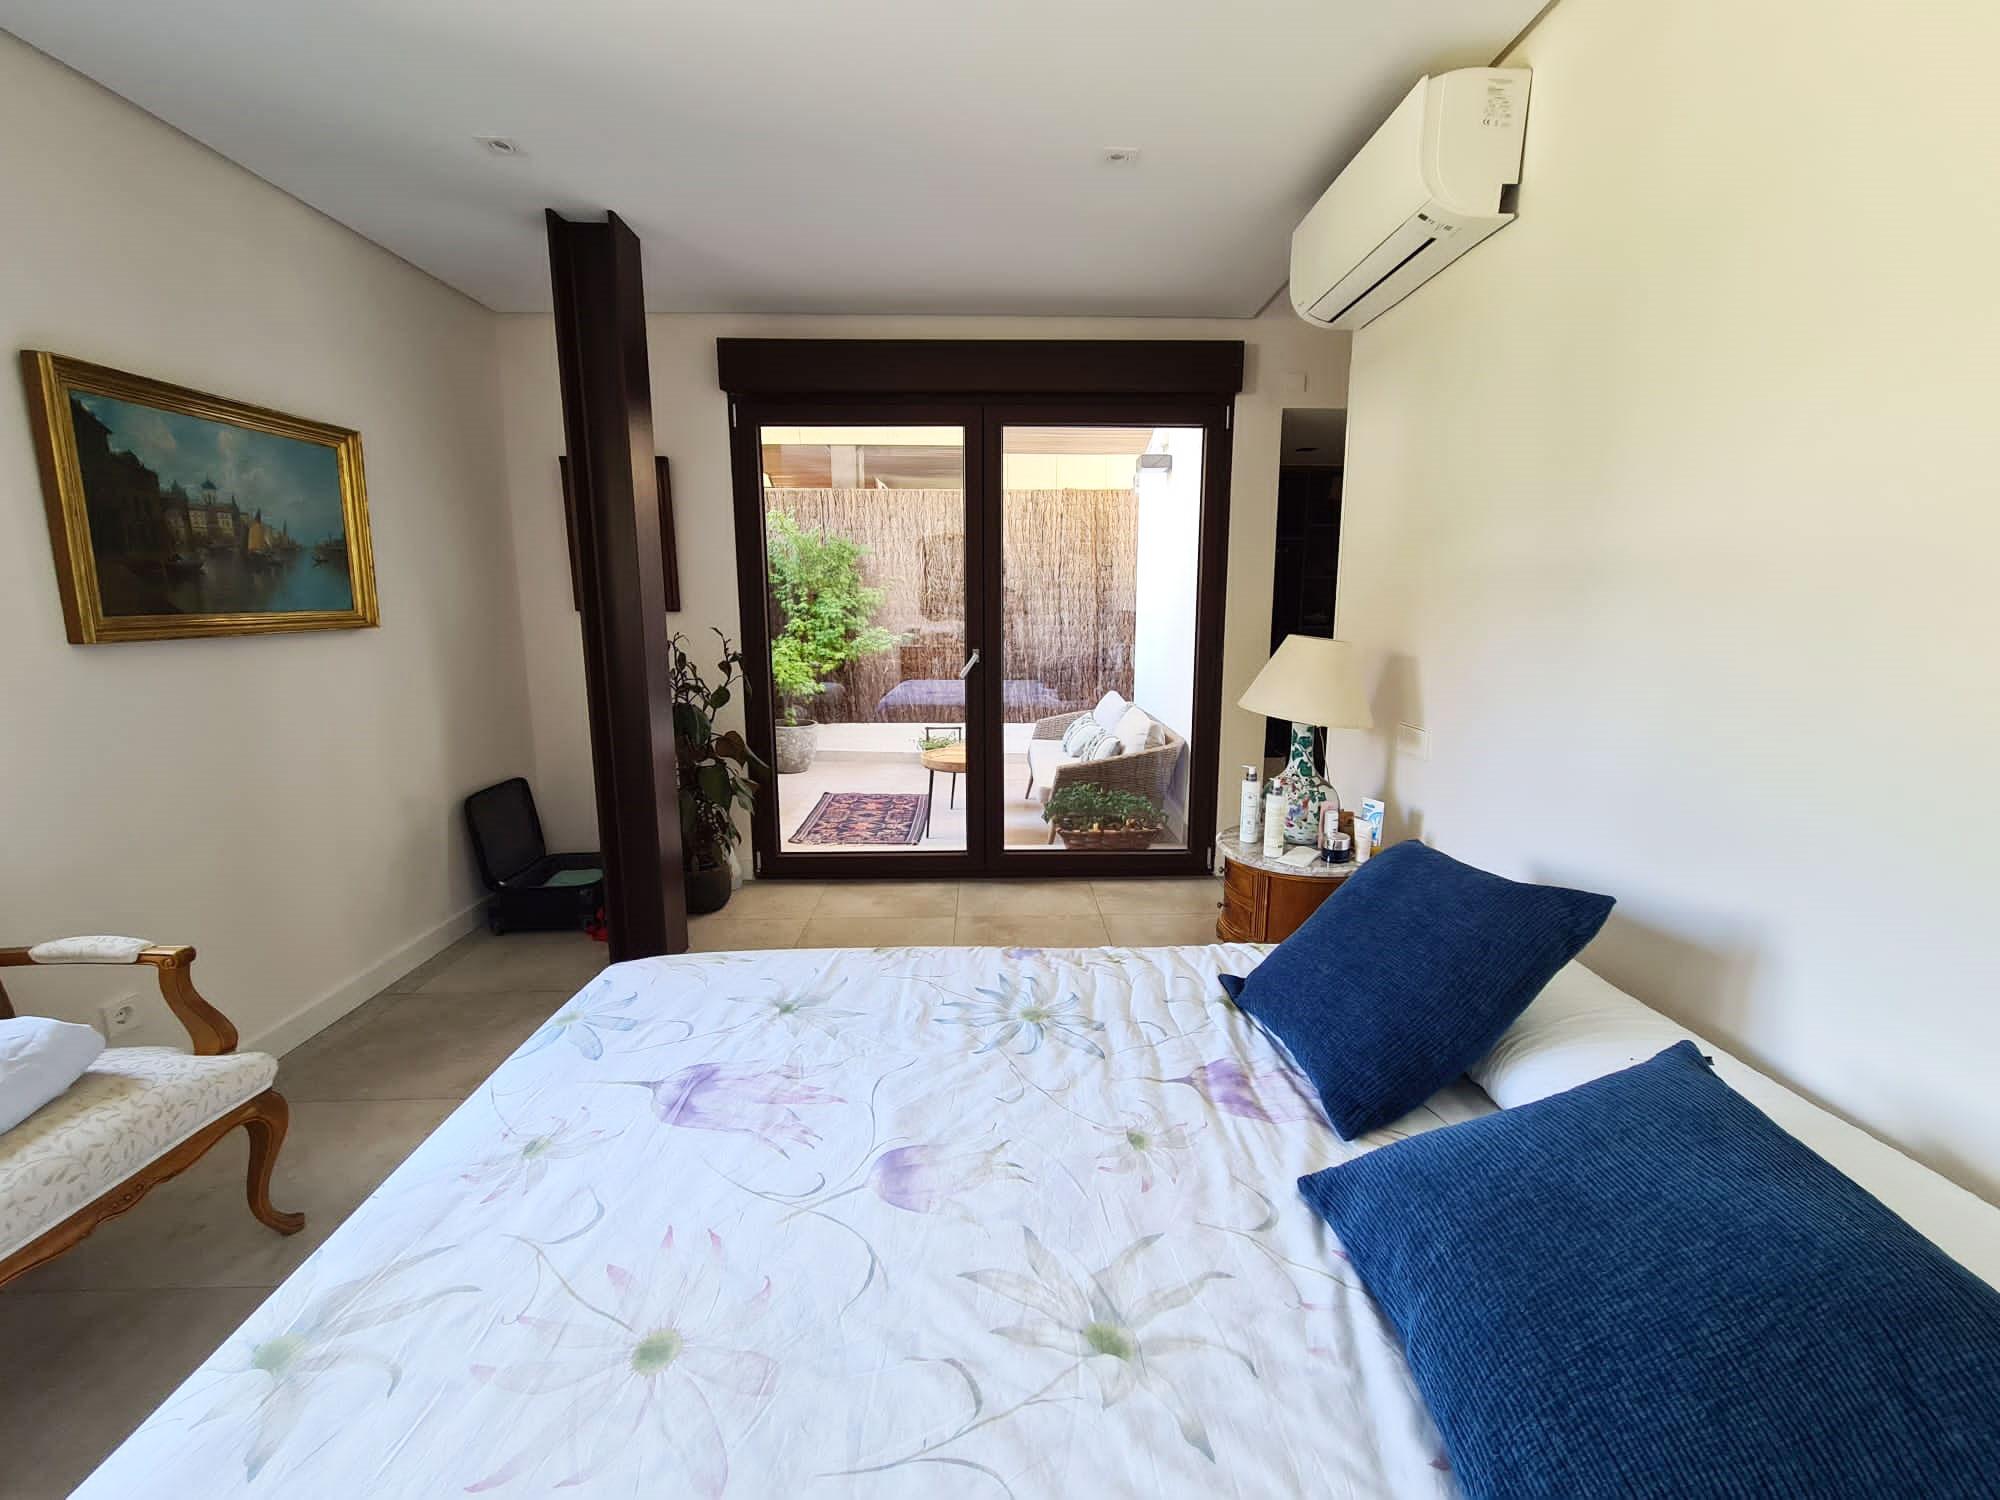 Dormitorio principal de chalet en urbanización La Finca en La Moraleja Madrid